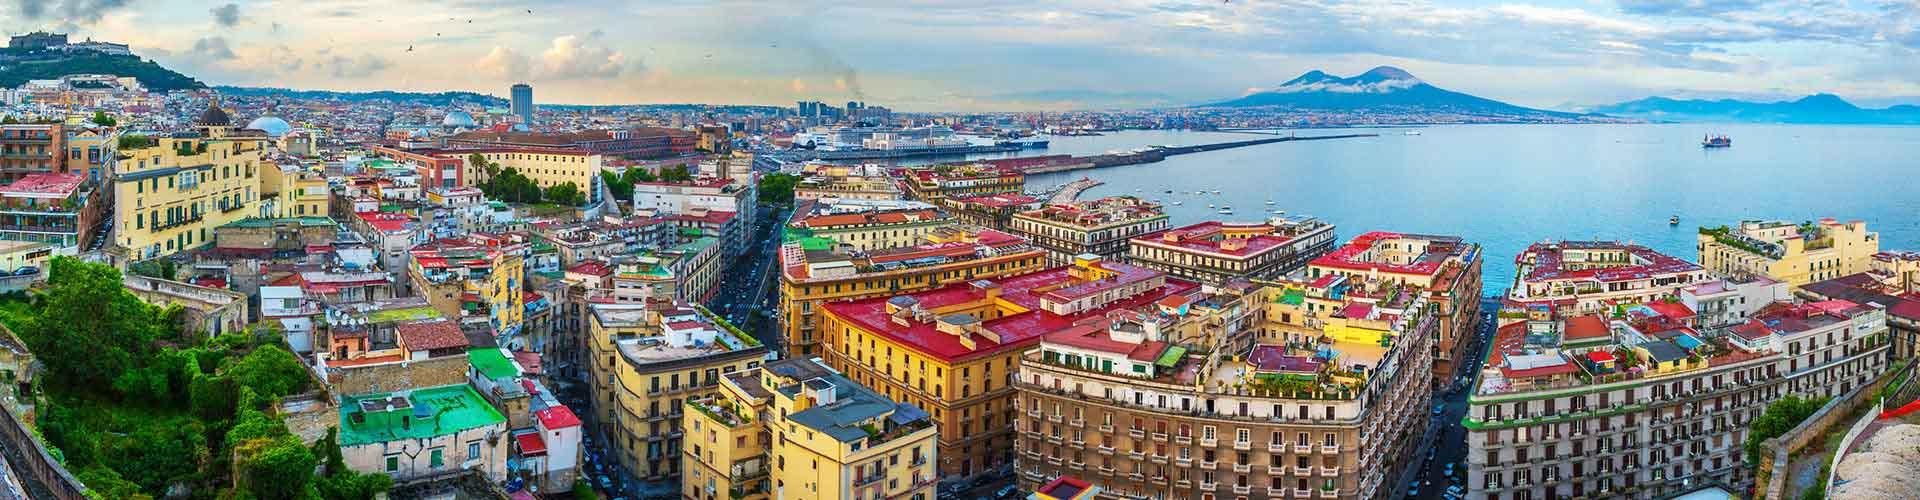 Naples - Auberges de jeunesse dans le quartier de Bagnoli. Cartes pour Naples, photos et commentaires pour chaque auberge de jeunesse à Naples.